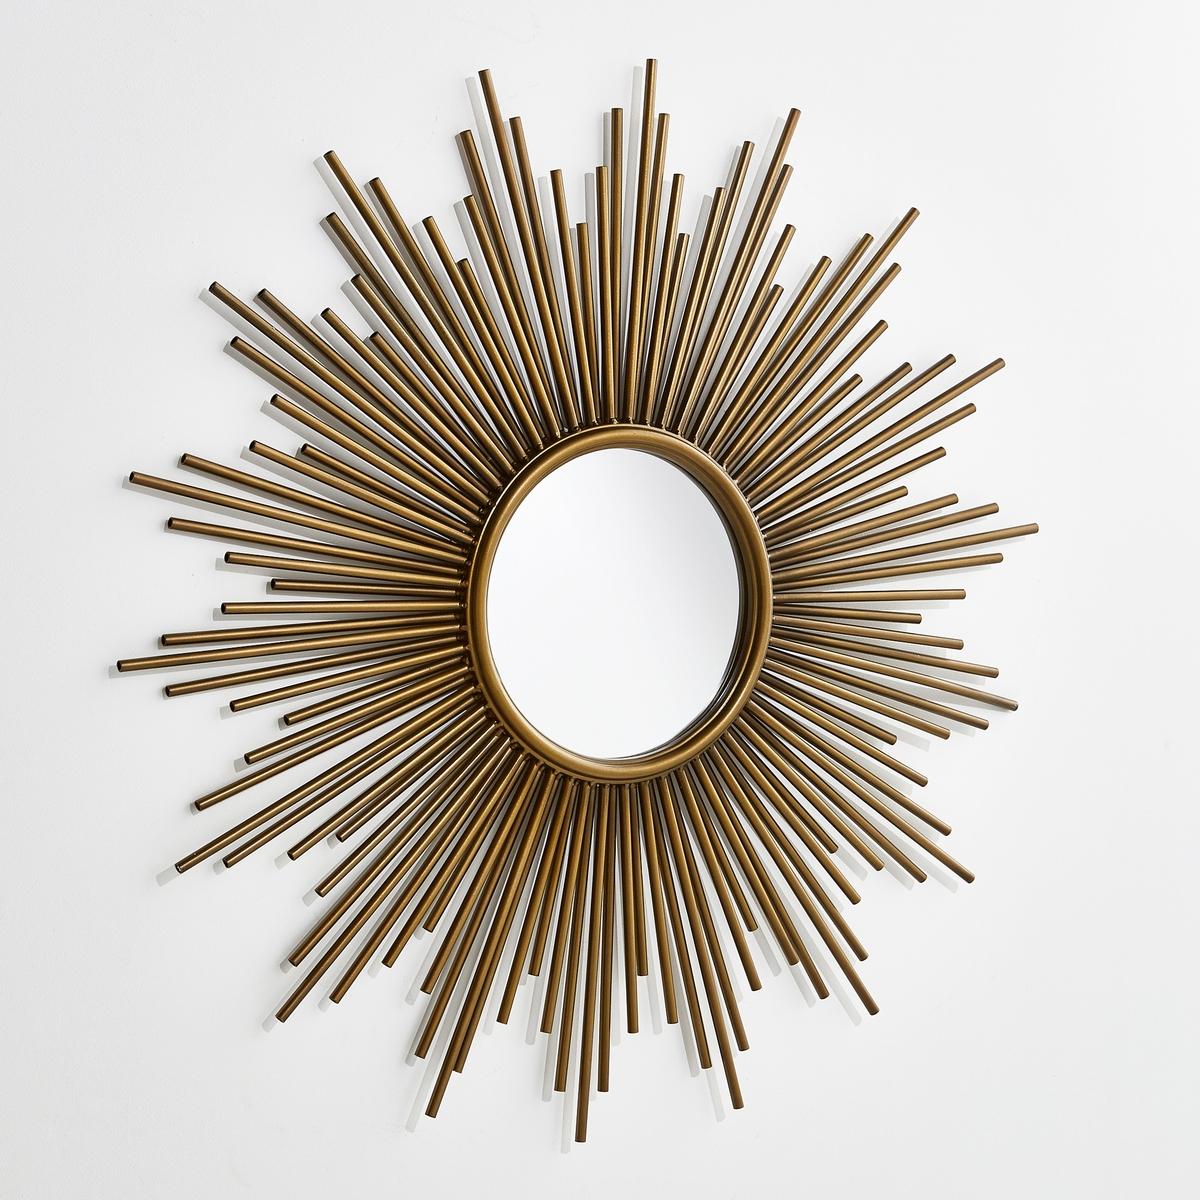 Зеркало в форме солнца, диаметр 80 см, SoledadЗеркало Soledad. Позвольте солнцу сиять в Вашем доме ! Круглое зеркало в оправе из металлических лучей с золотистой отделкой. Крепление на стену, шурупы продаются отдельно. Размеры  : диаметр 80 см.<br><br>Цвет: латунь